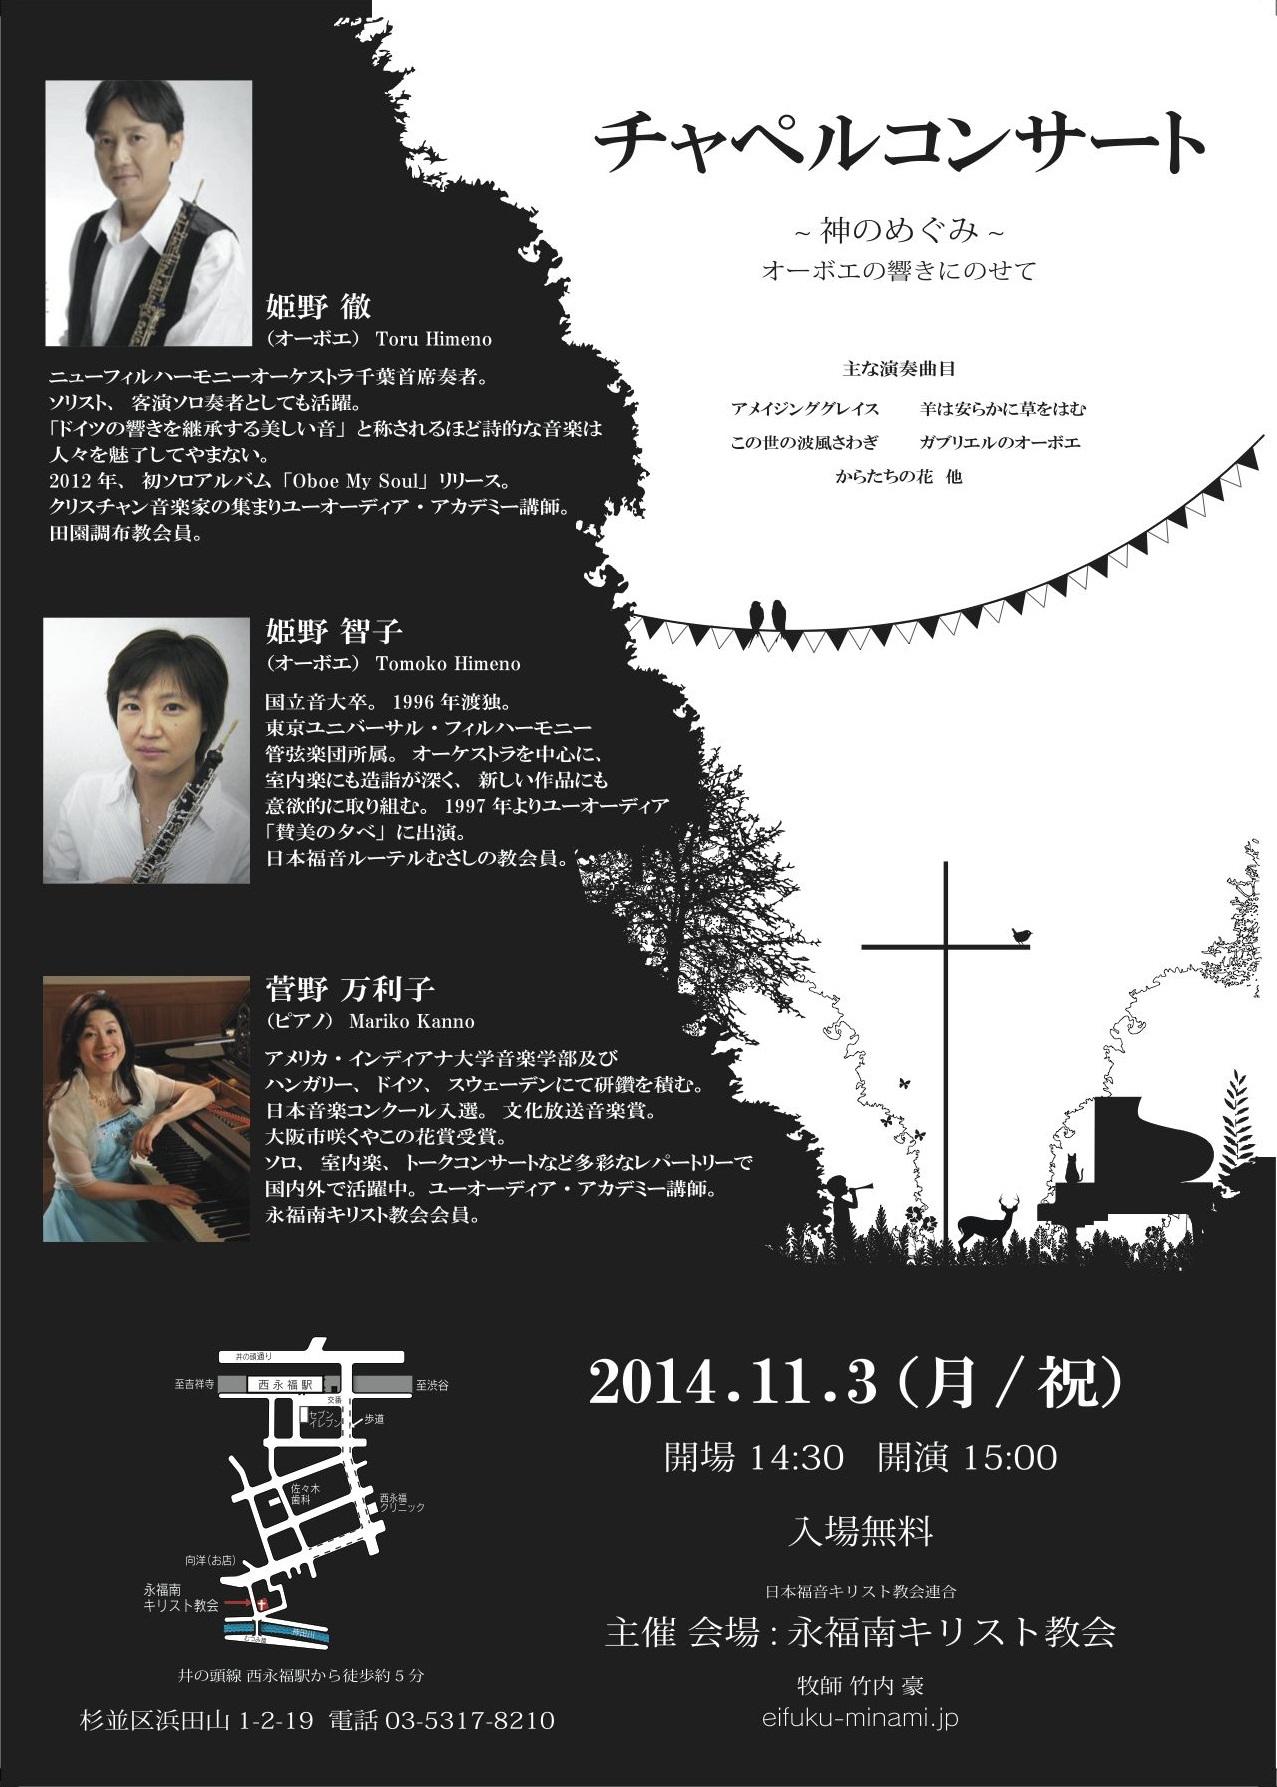 2014チャペルコンサート 11月3日(月)